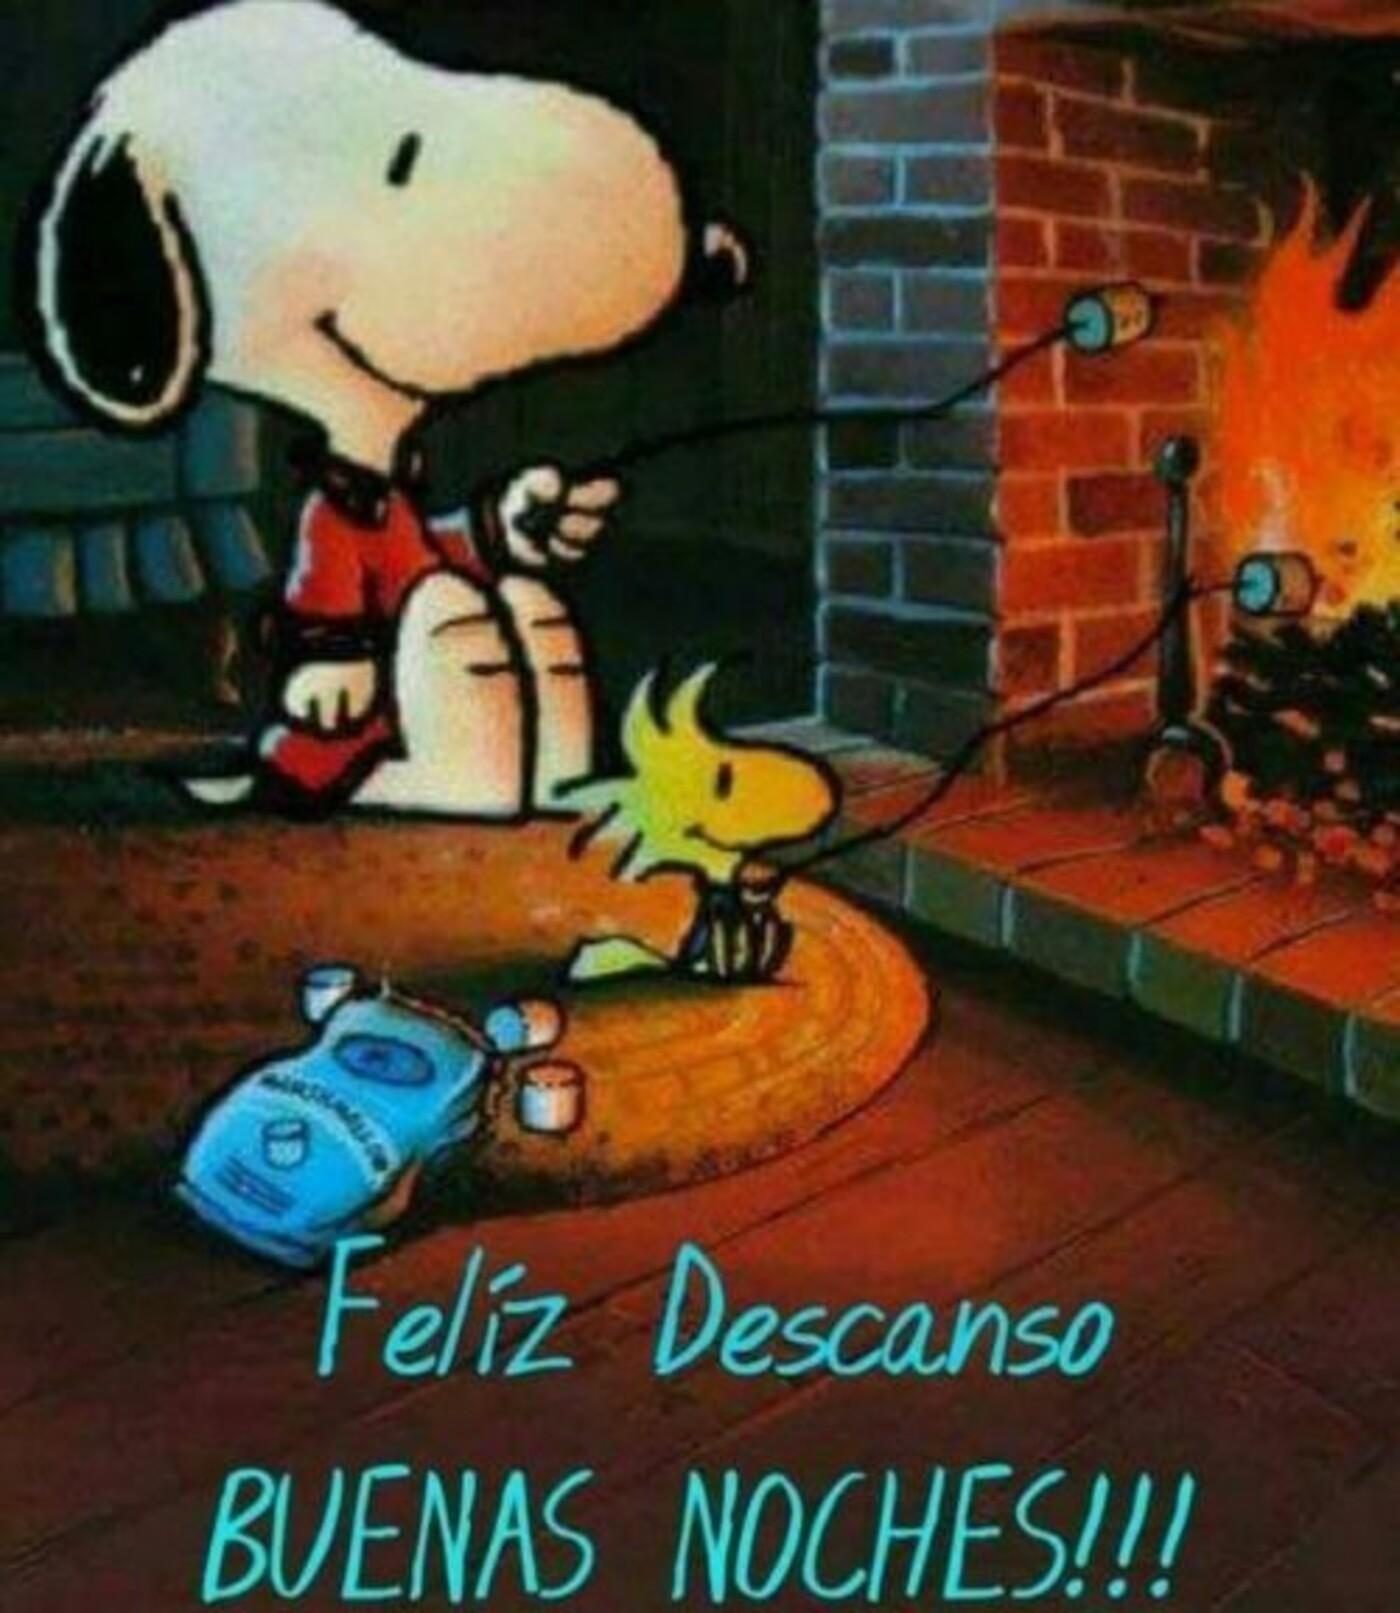 Feliz descanso buenas noches!!